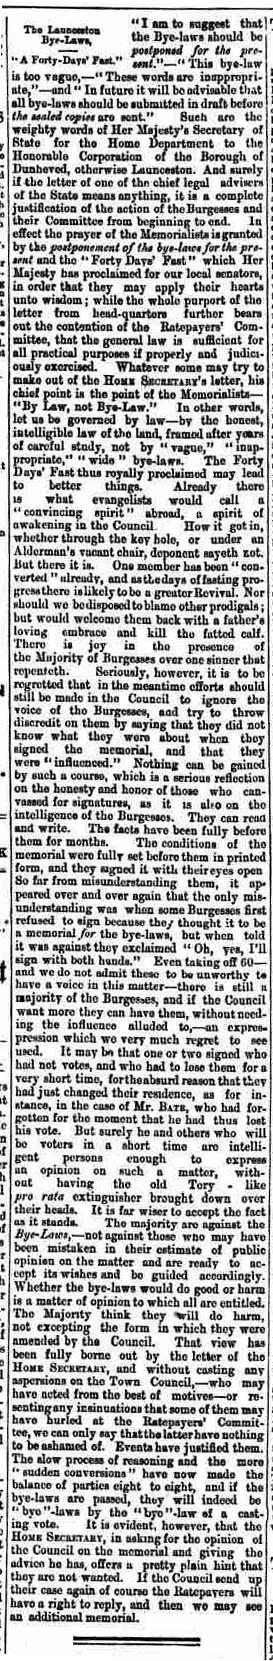 14 July 1888